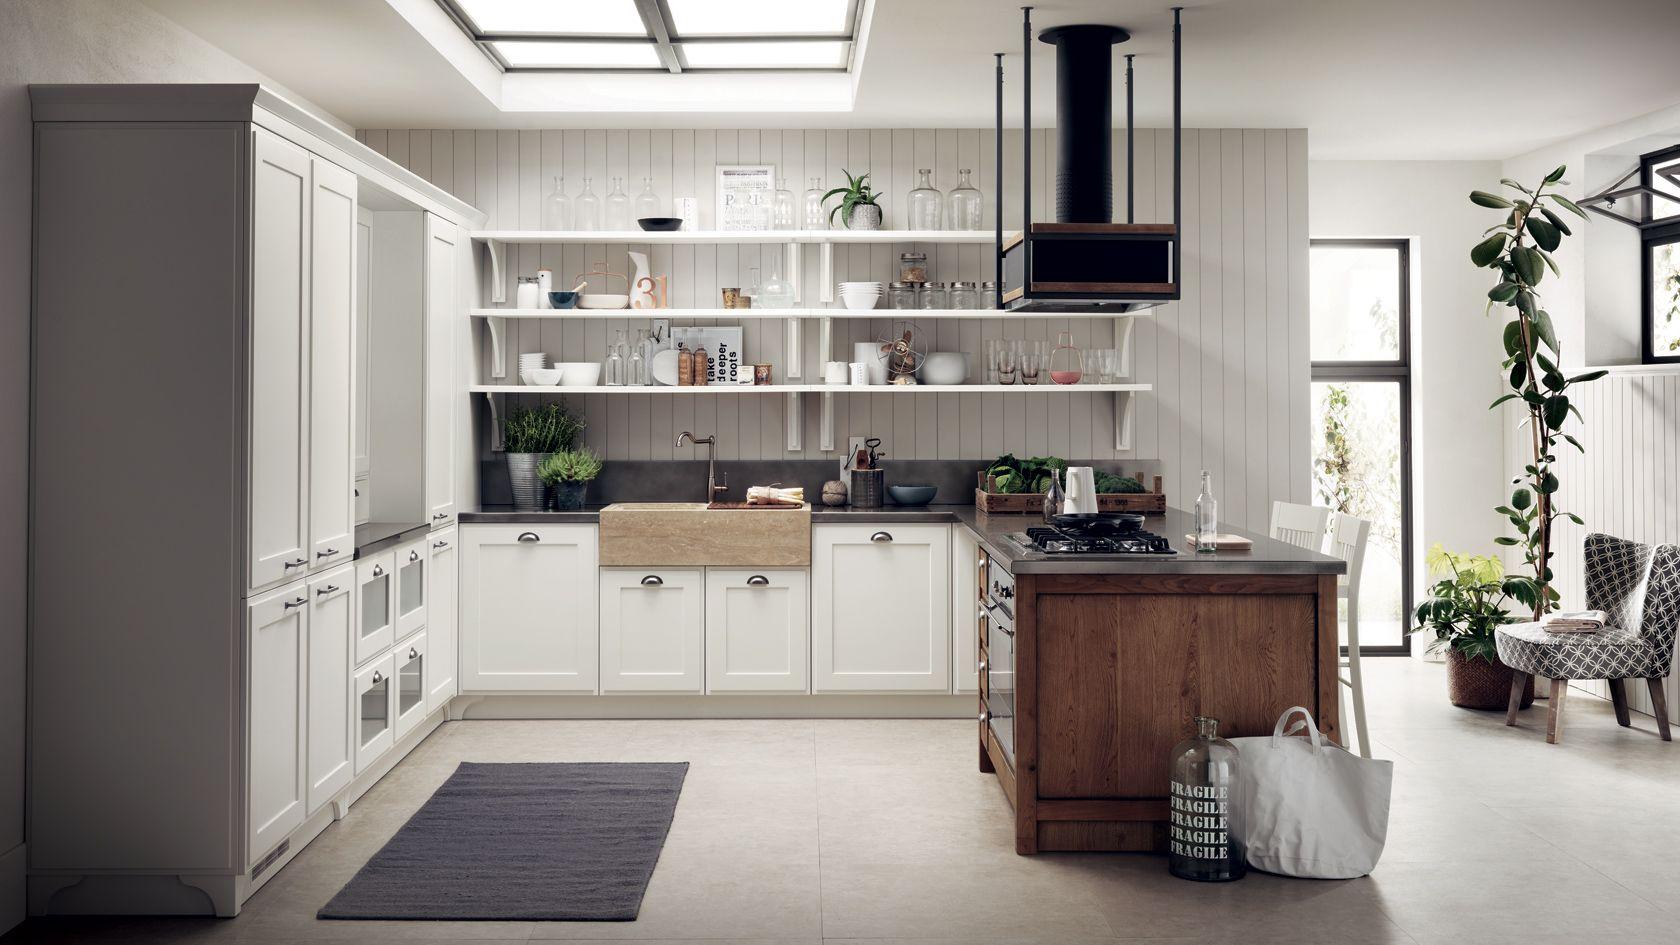 Sedie scavolini ~ Cucina favilla scavolini magnicasa cucine kitchen